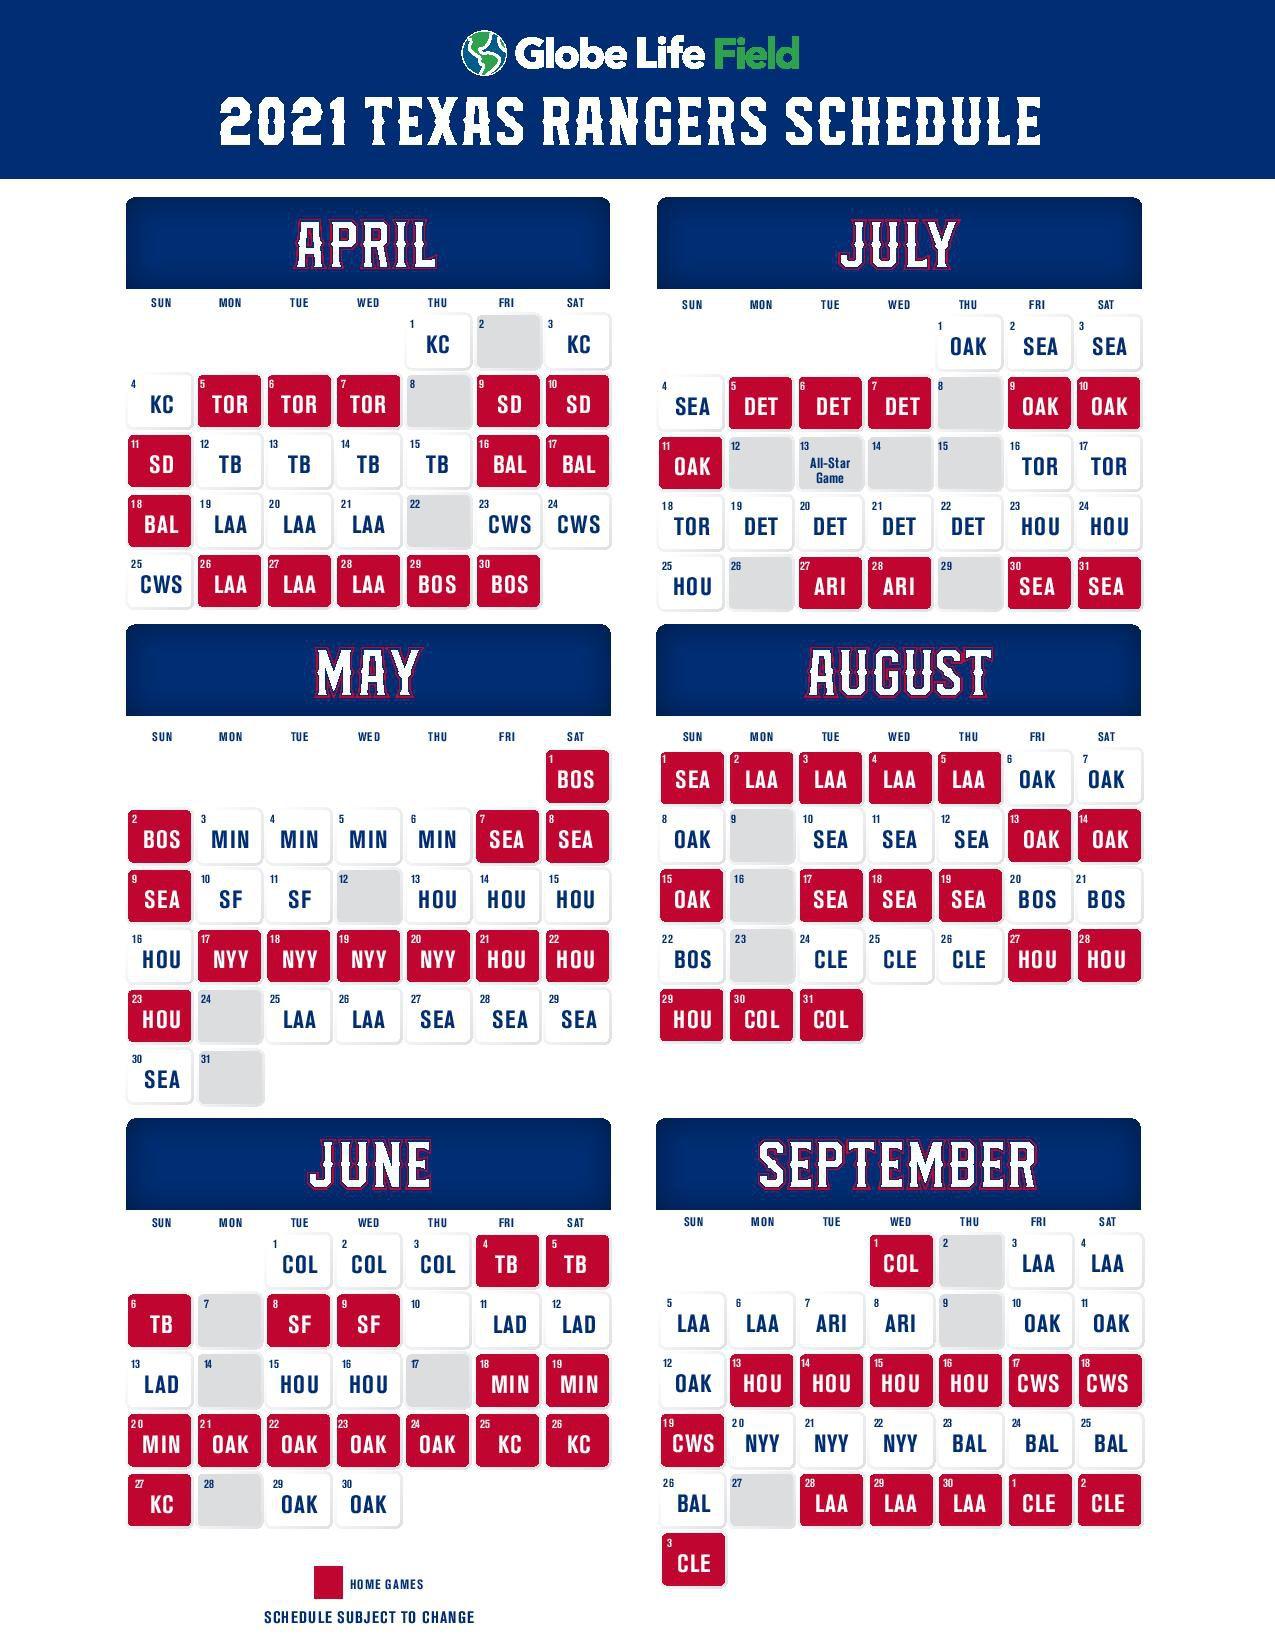 Texas Rangers' 2021 schedule